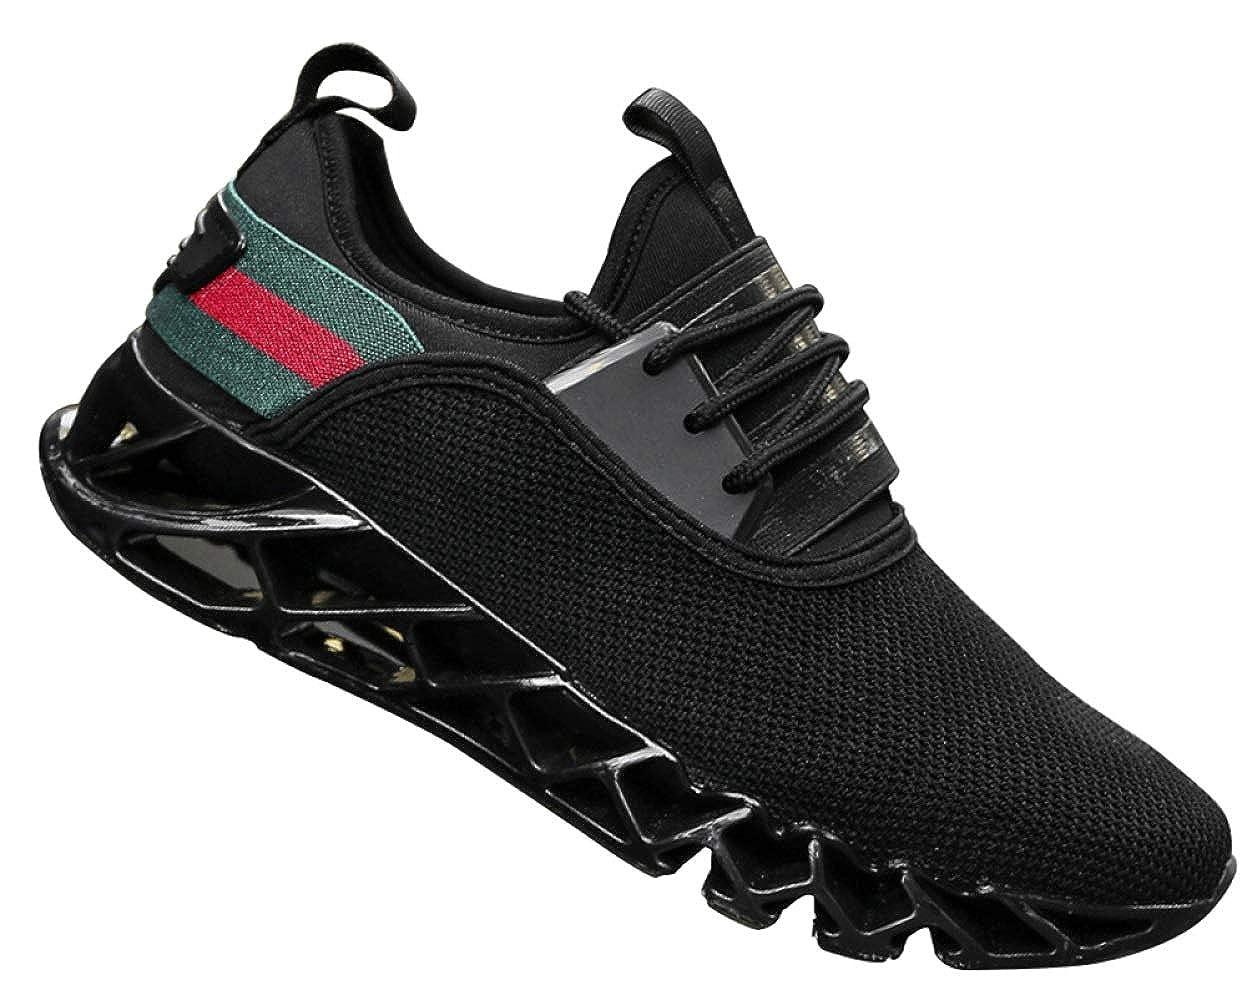 WWJDXZ Turnschuhe Unisex-Erwachsene Die Die Die Schuhe der Männer beiläufige gehende Turnschuhe gleiten auf den im Freien Sportschuhen, die Vier Jahreszeiten Laufen  49557b